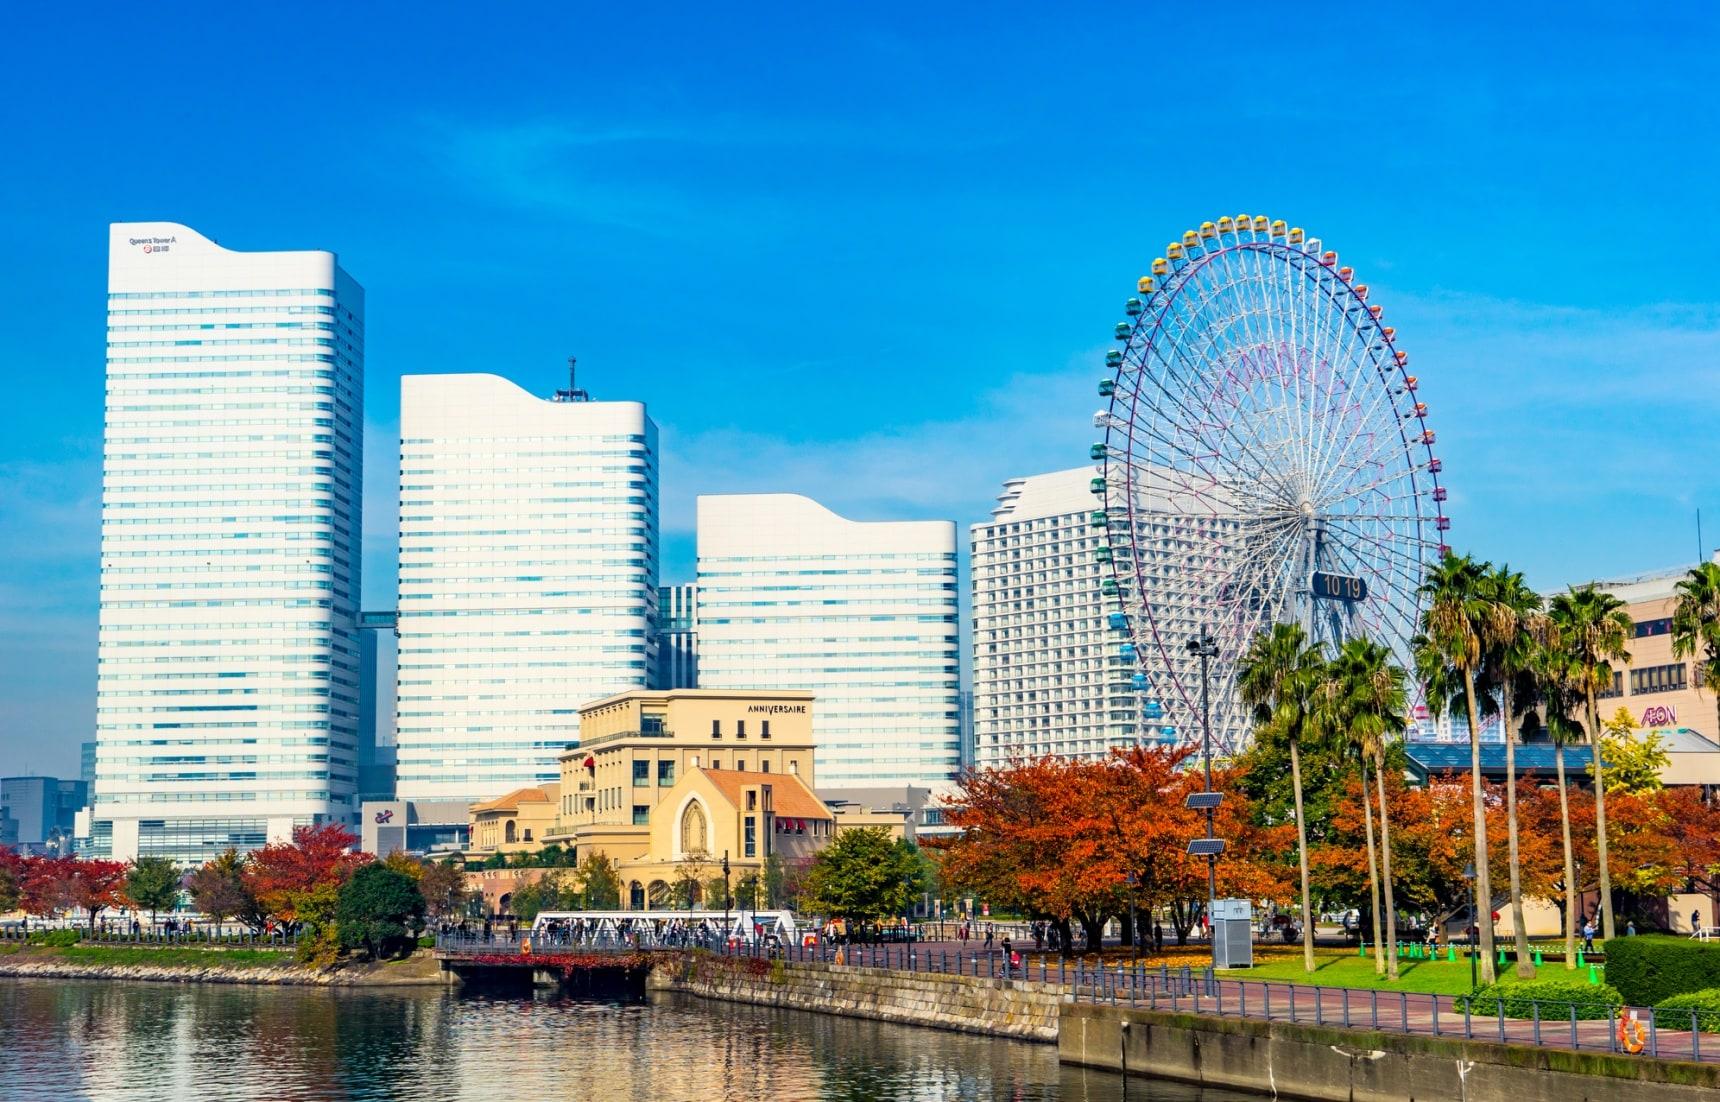 凝結歷史與未來的璀璨港灣 | 橫濱10大必去景點